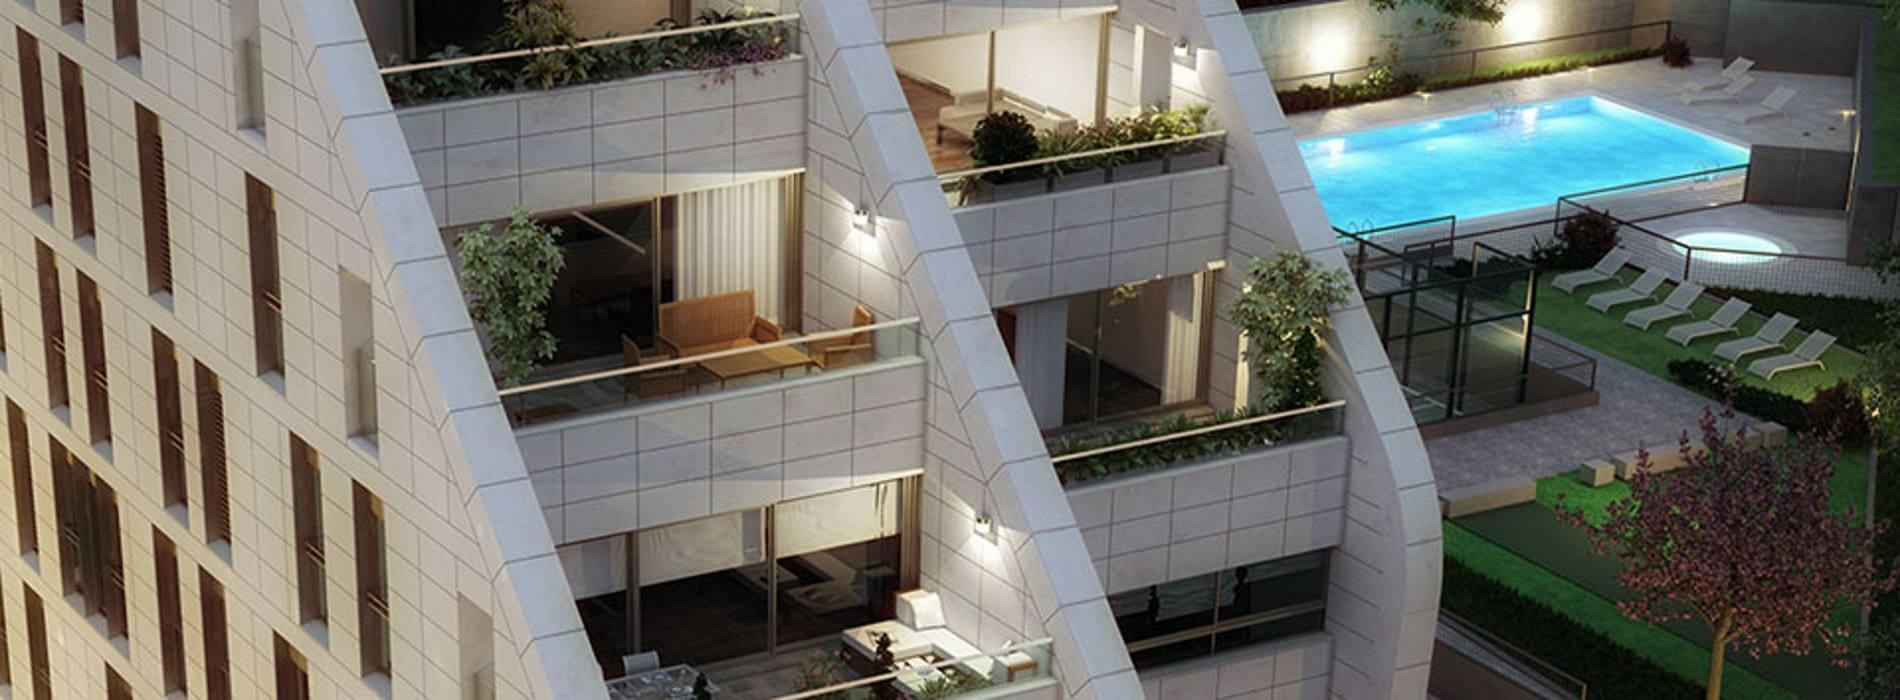 Obra nueva centro comercial inmobiliario for Pisos obra nueva granada